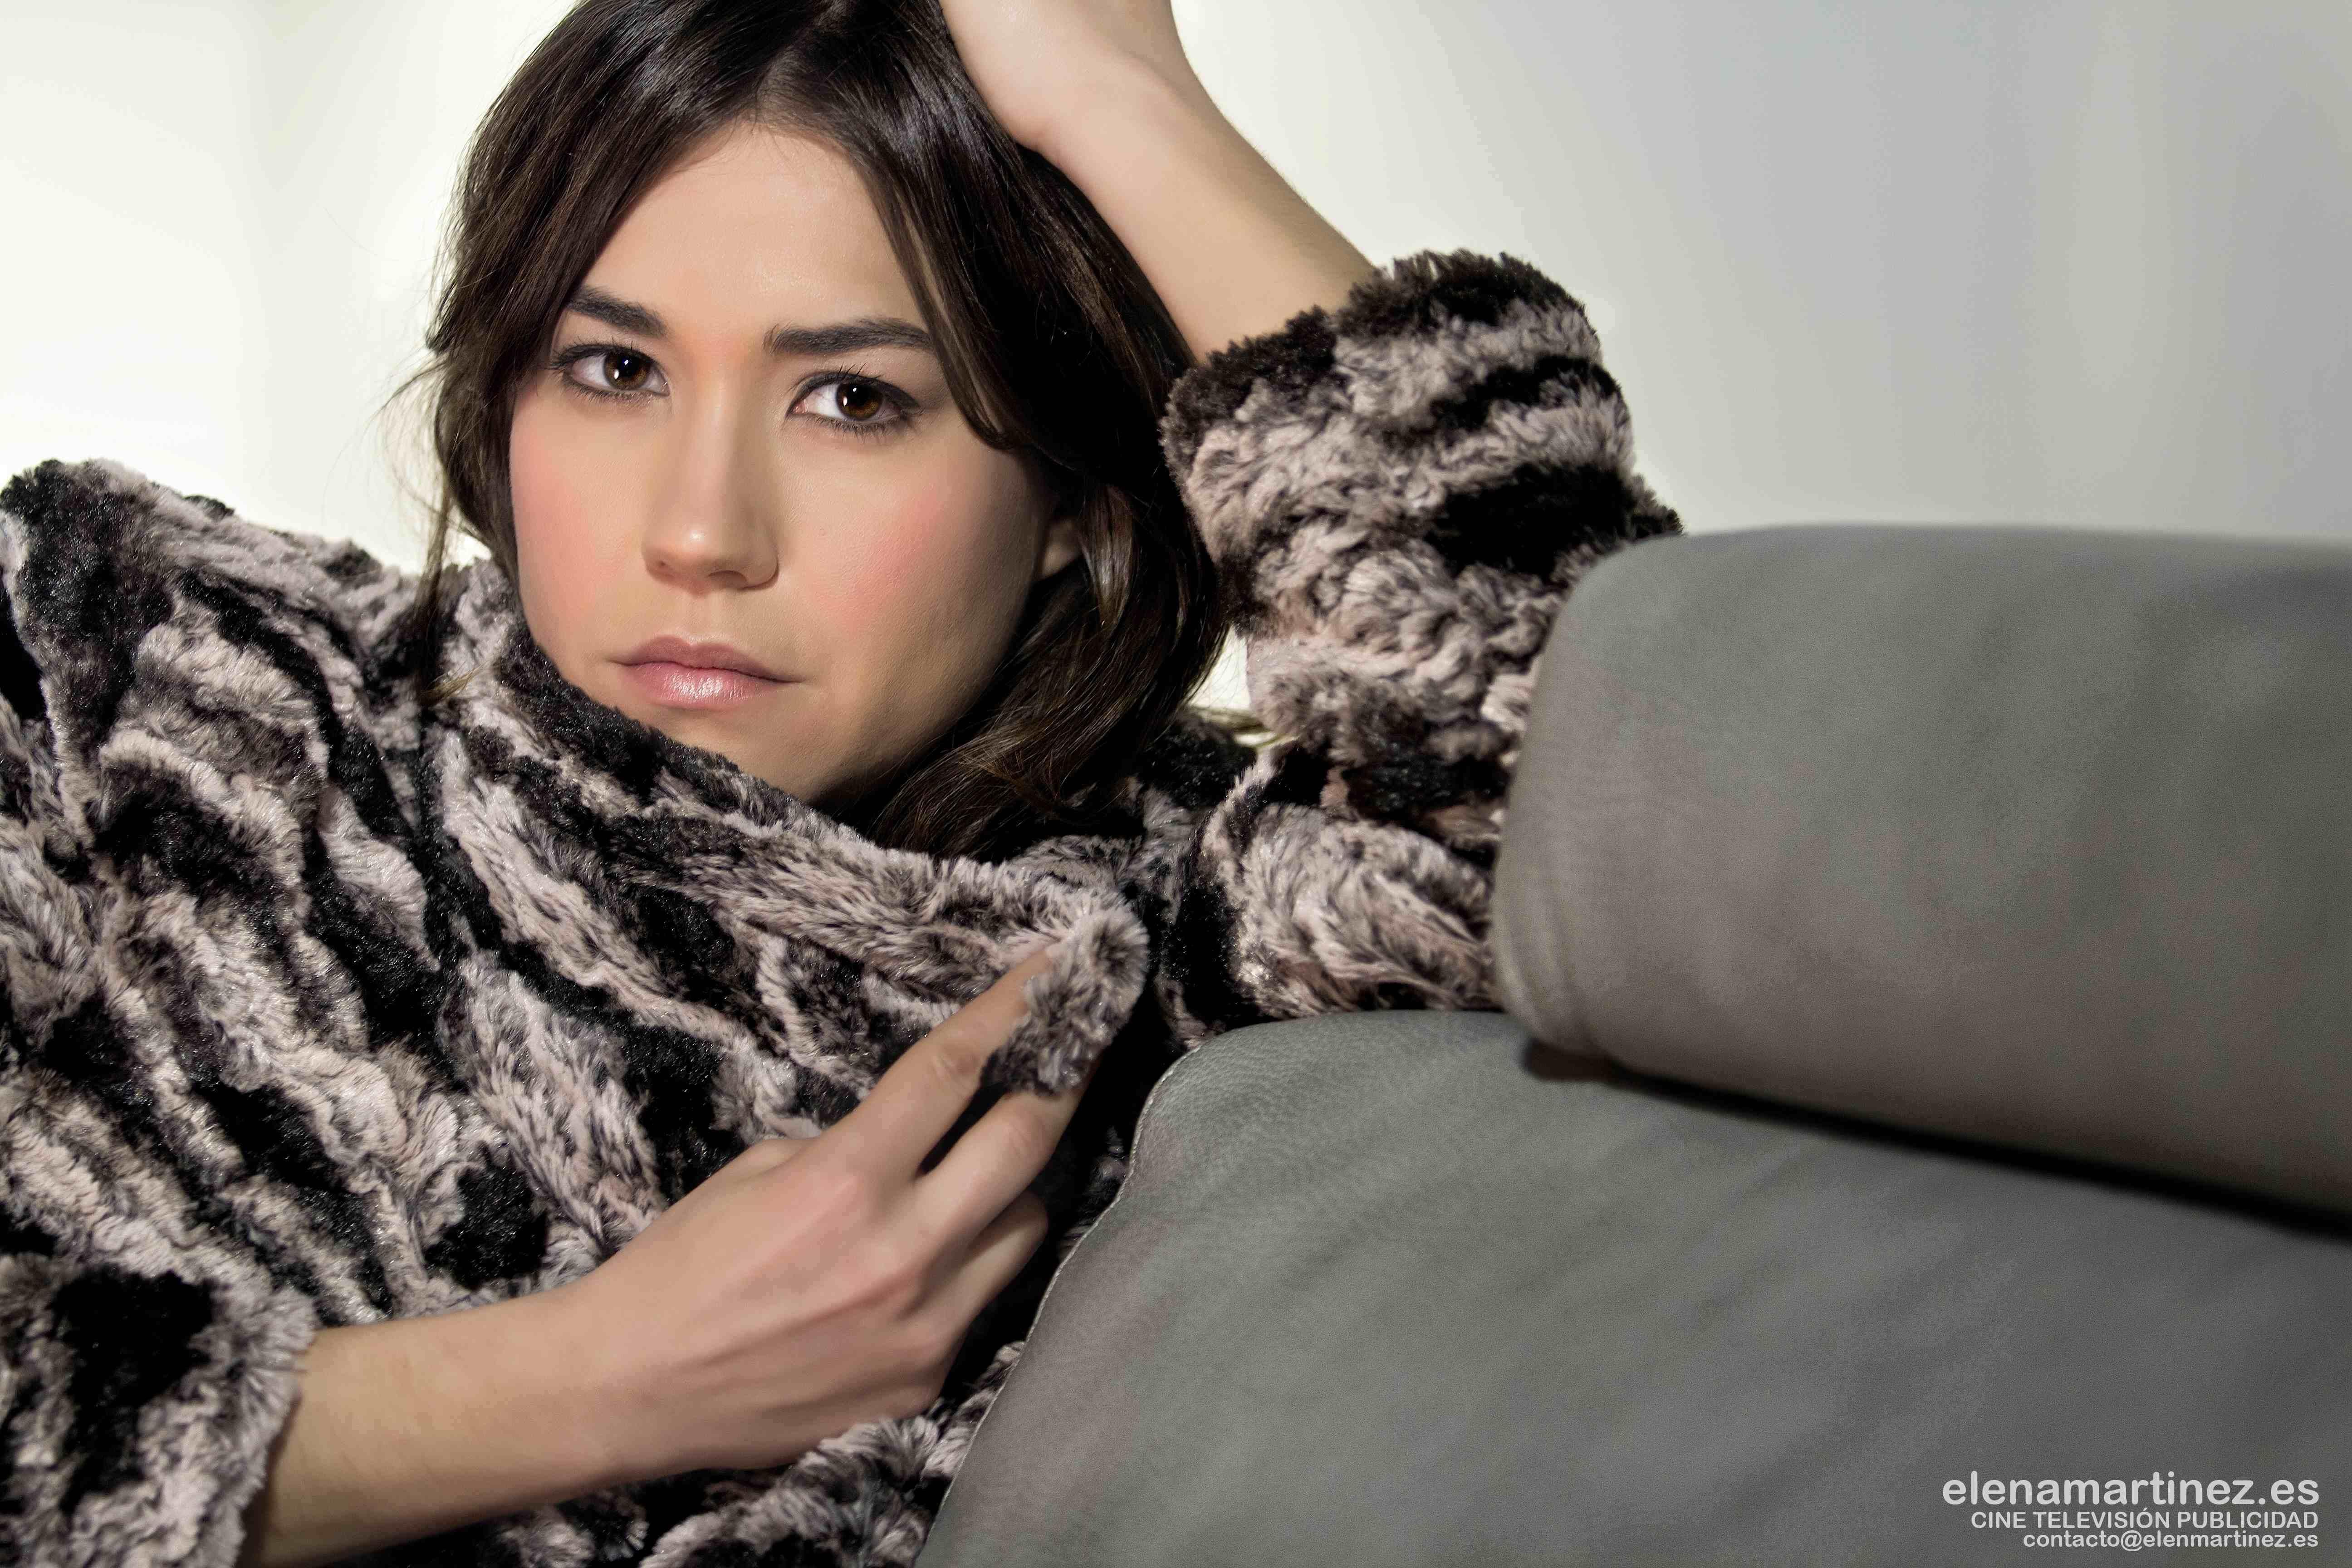 Bienvenidos a la web de la actriz Elena Martínez